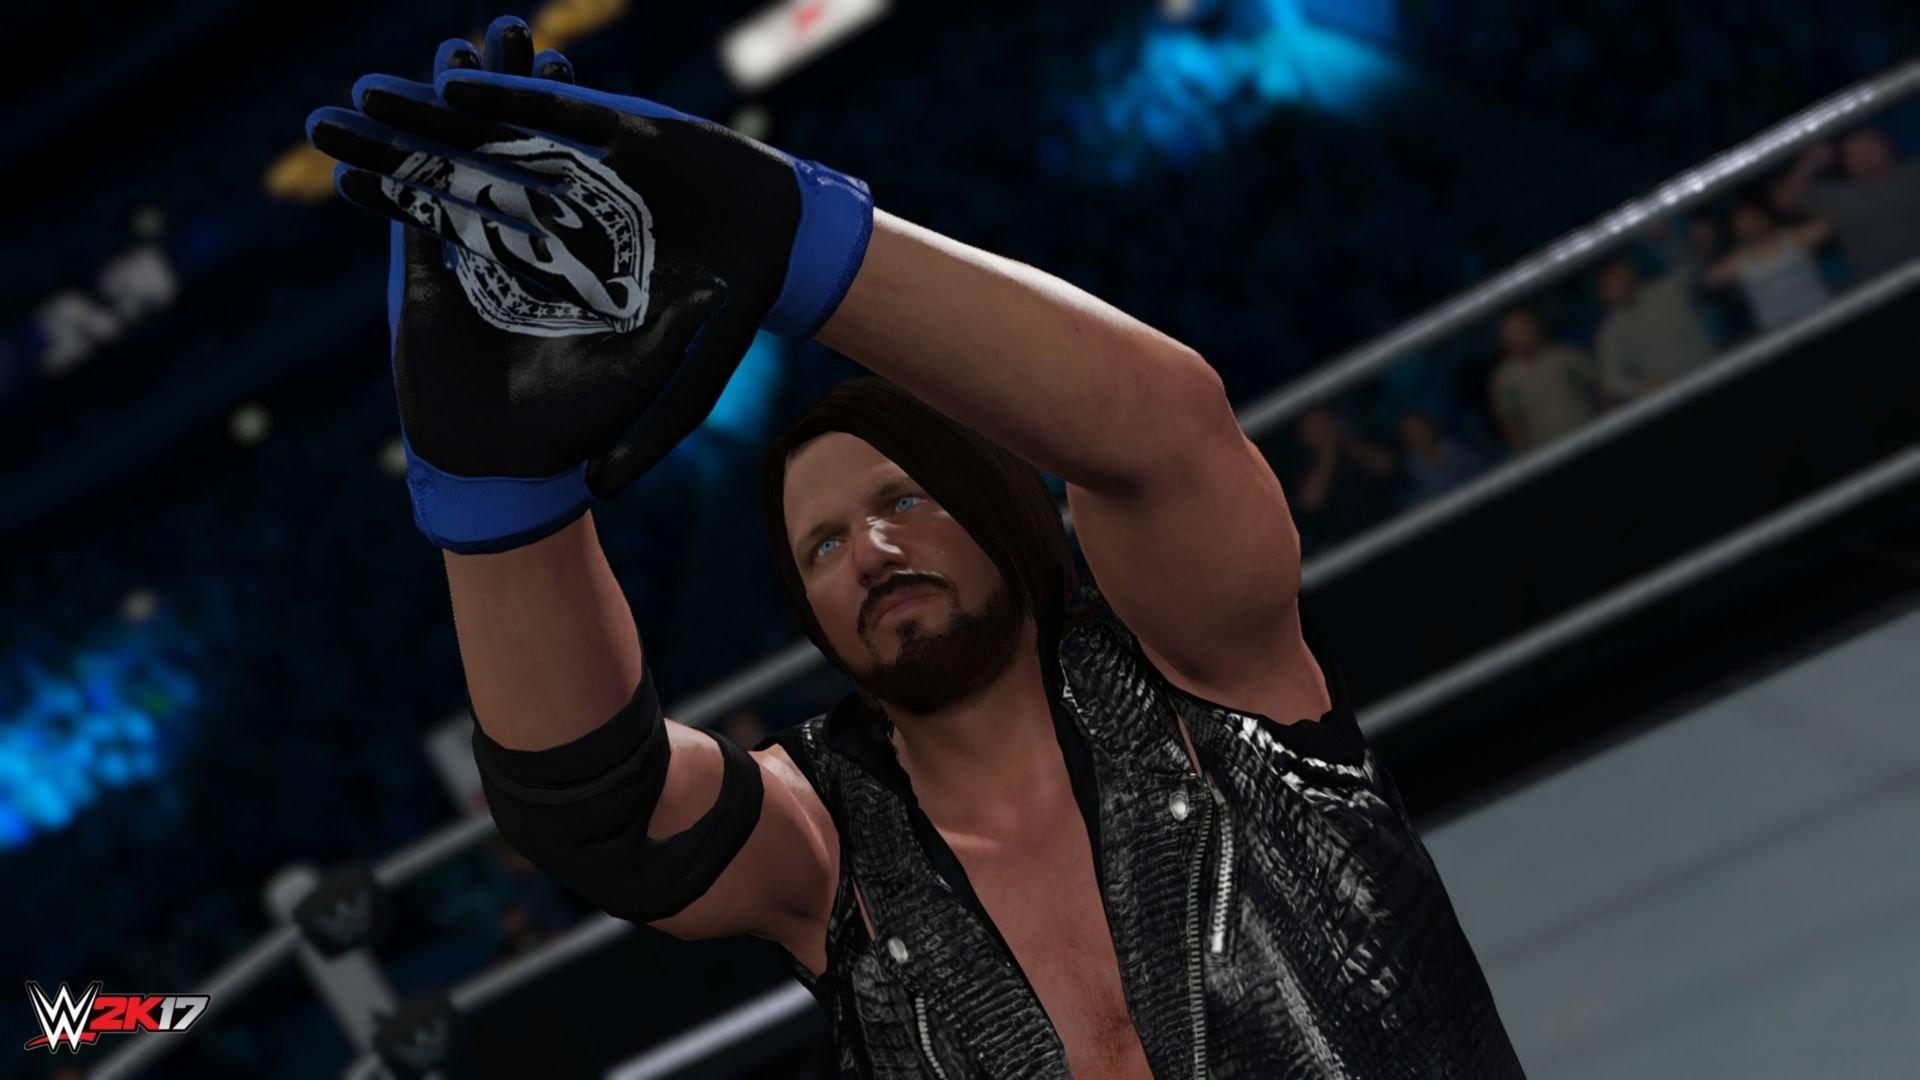 Res: 1920x1080, WWE 2K17 ist die 2016/17-Ausgabe der Wrestling-Reihe von 2K Games. Darin  lassen sich über 130 Kämpfer der WWE- und NXT-Ligen spielen, darunter etwa  John ...